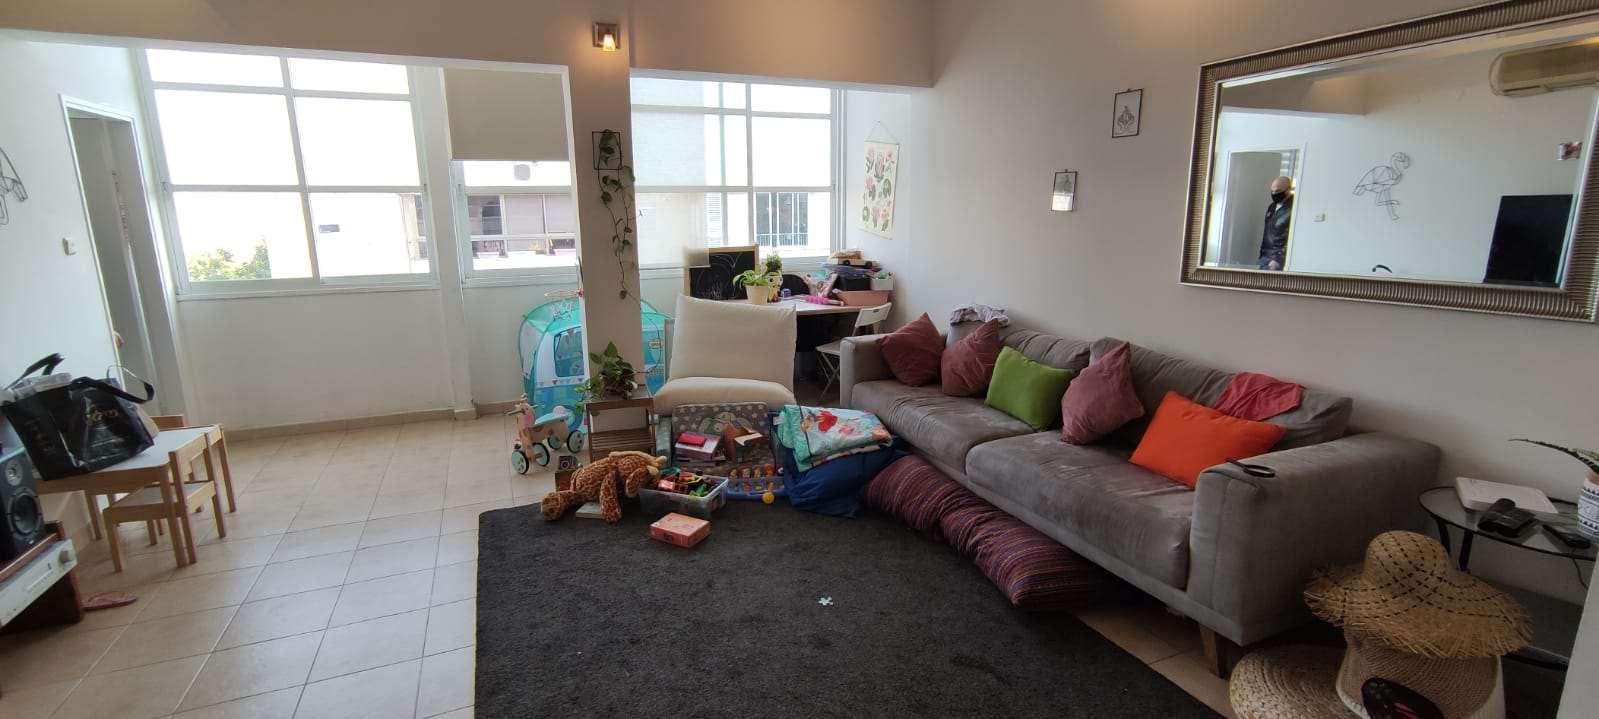 דירה למכירה 4 חדרים בתל אביב יפו הצפון הישן אלכסנדר ינאי